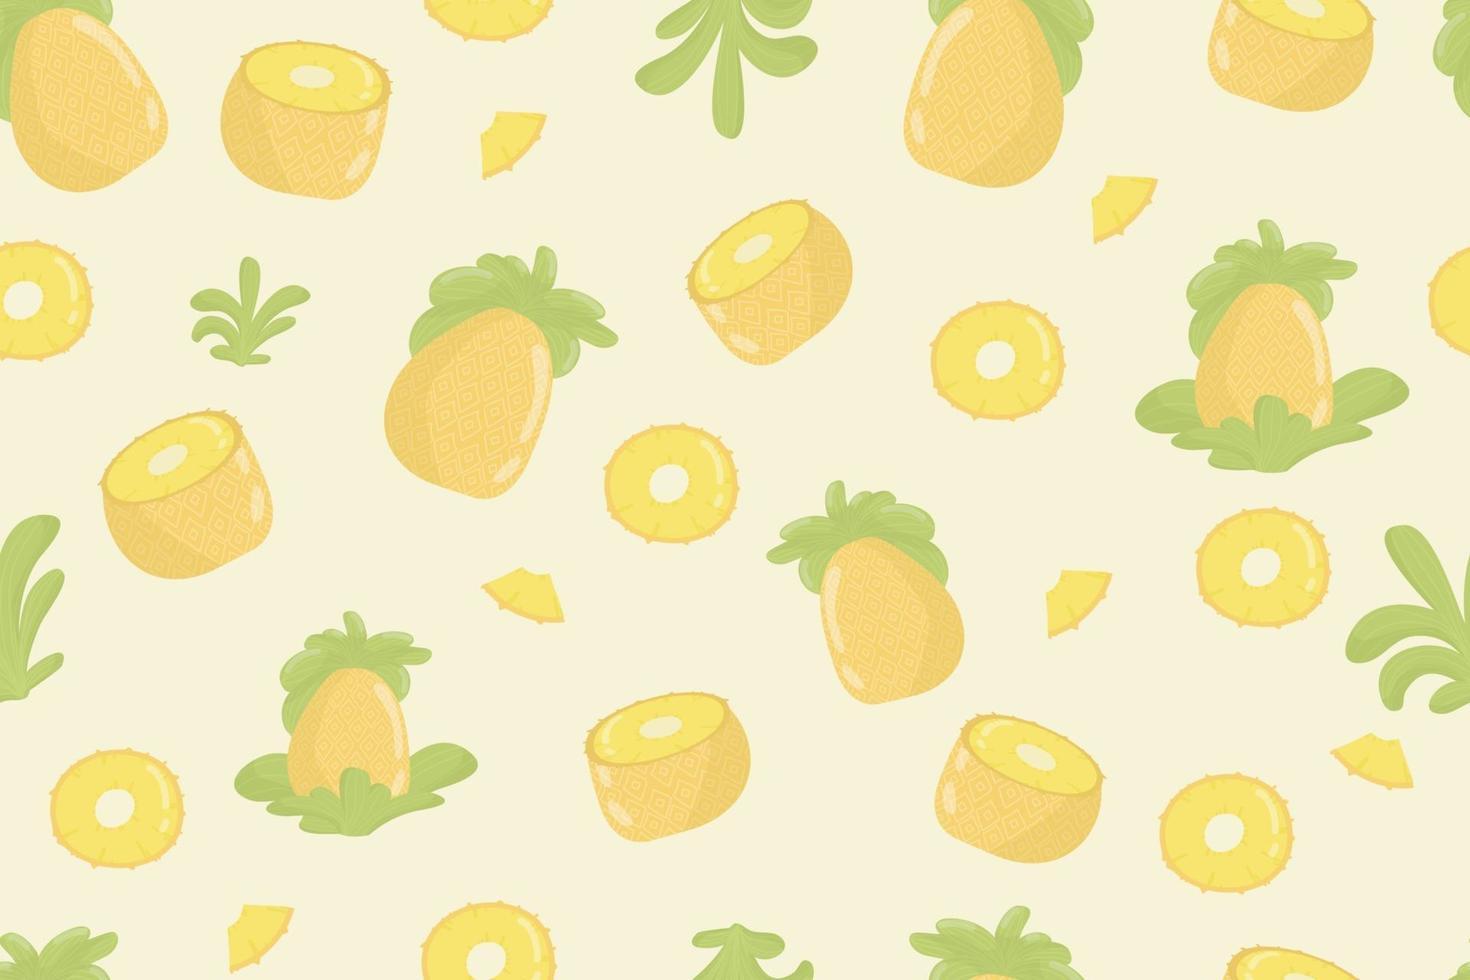 frisches nahtloses Muster der Ananasfrucht. Ananas und Blätter auf gelbem nahtlosem Muster. modernes tropisches exotisches Fruchtdesign für Geschenkpapier, Textil, Banner, Web, App. leuchtend saftige gelbe Ananasfrüchte und weiche grüne Blätter vektor